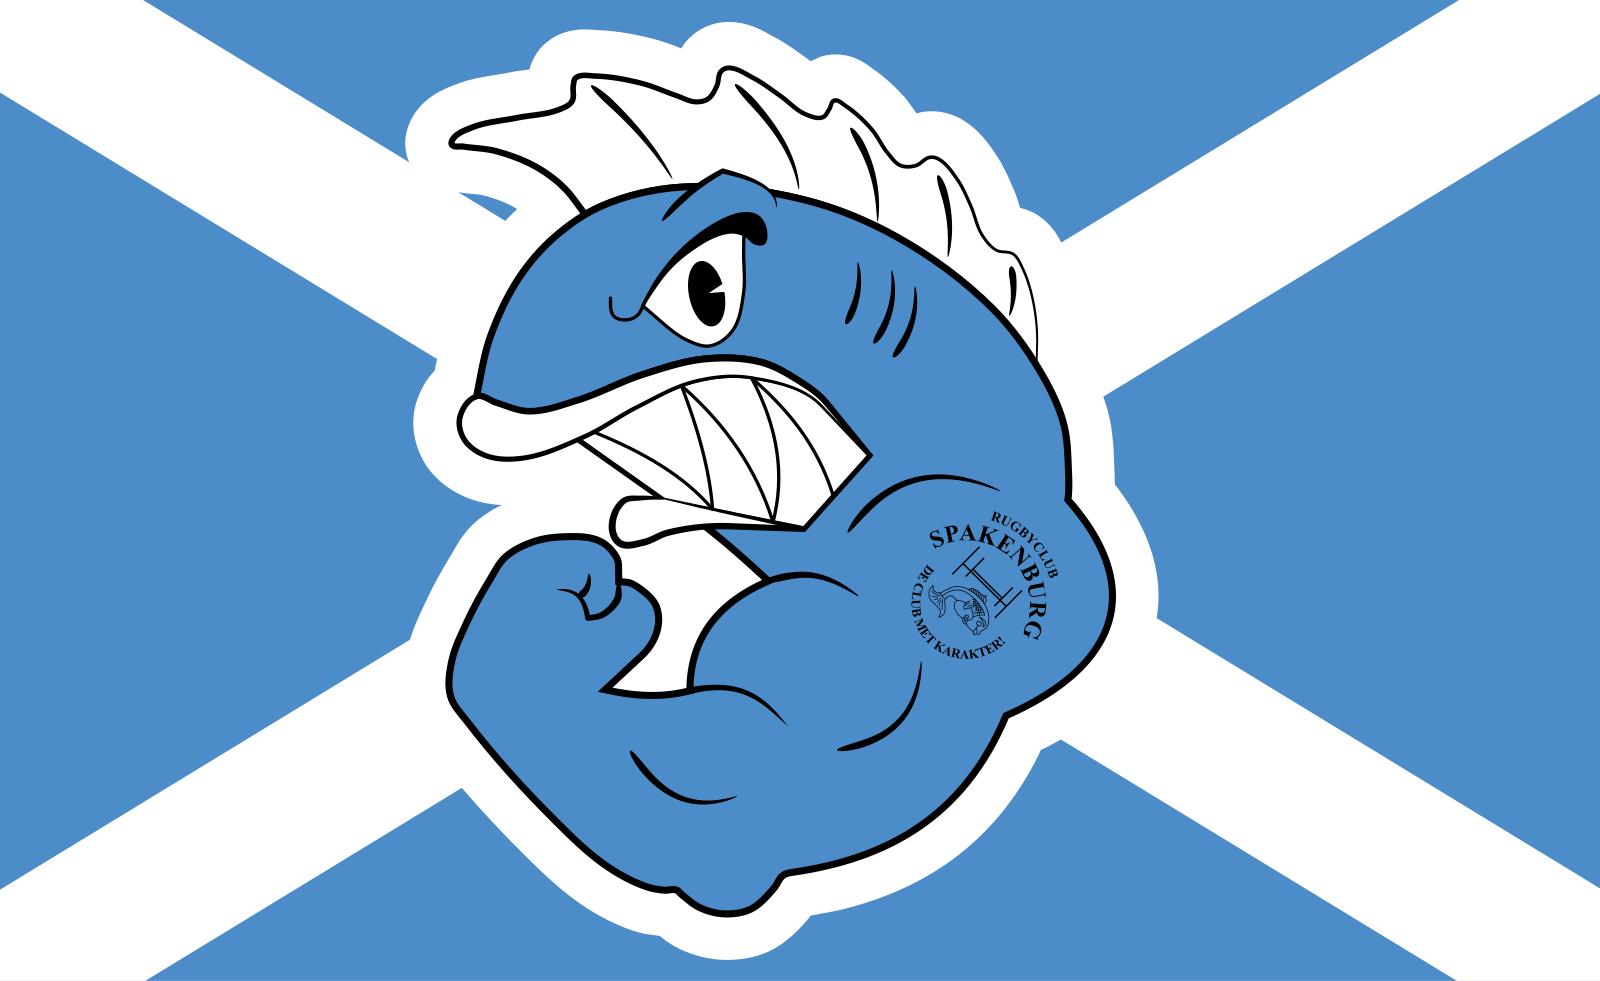 Programma – Tour Glasgow 2014